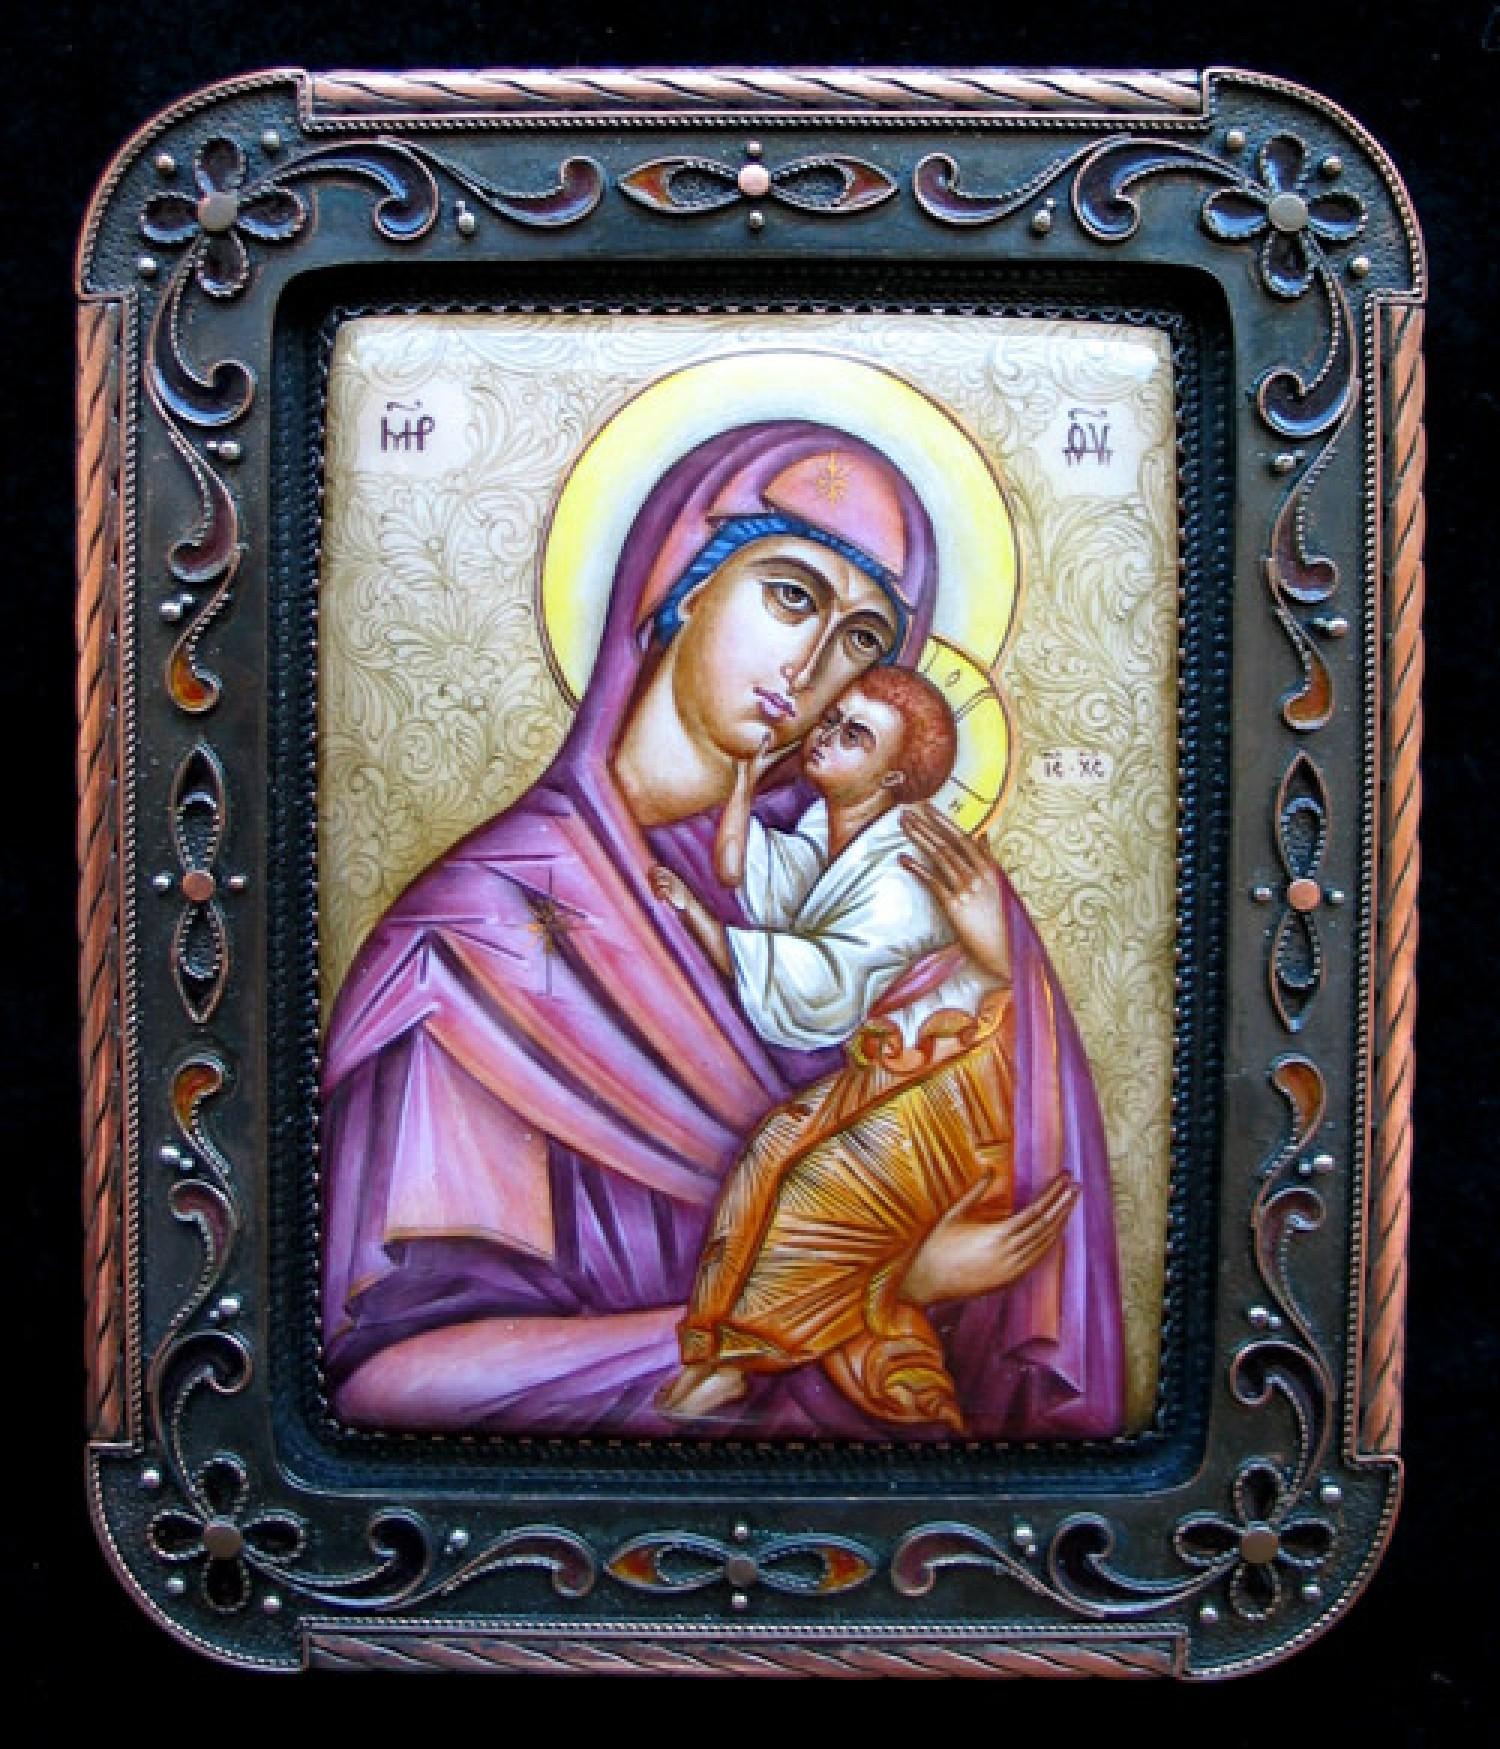 Е.В.Ананова. Богоматерь Ярославская. 2000 г. Художник Л.В.Смирнова